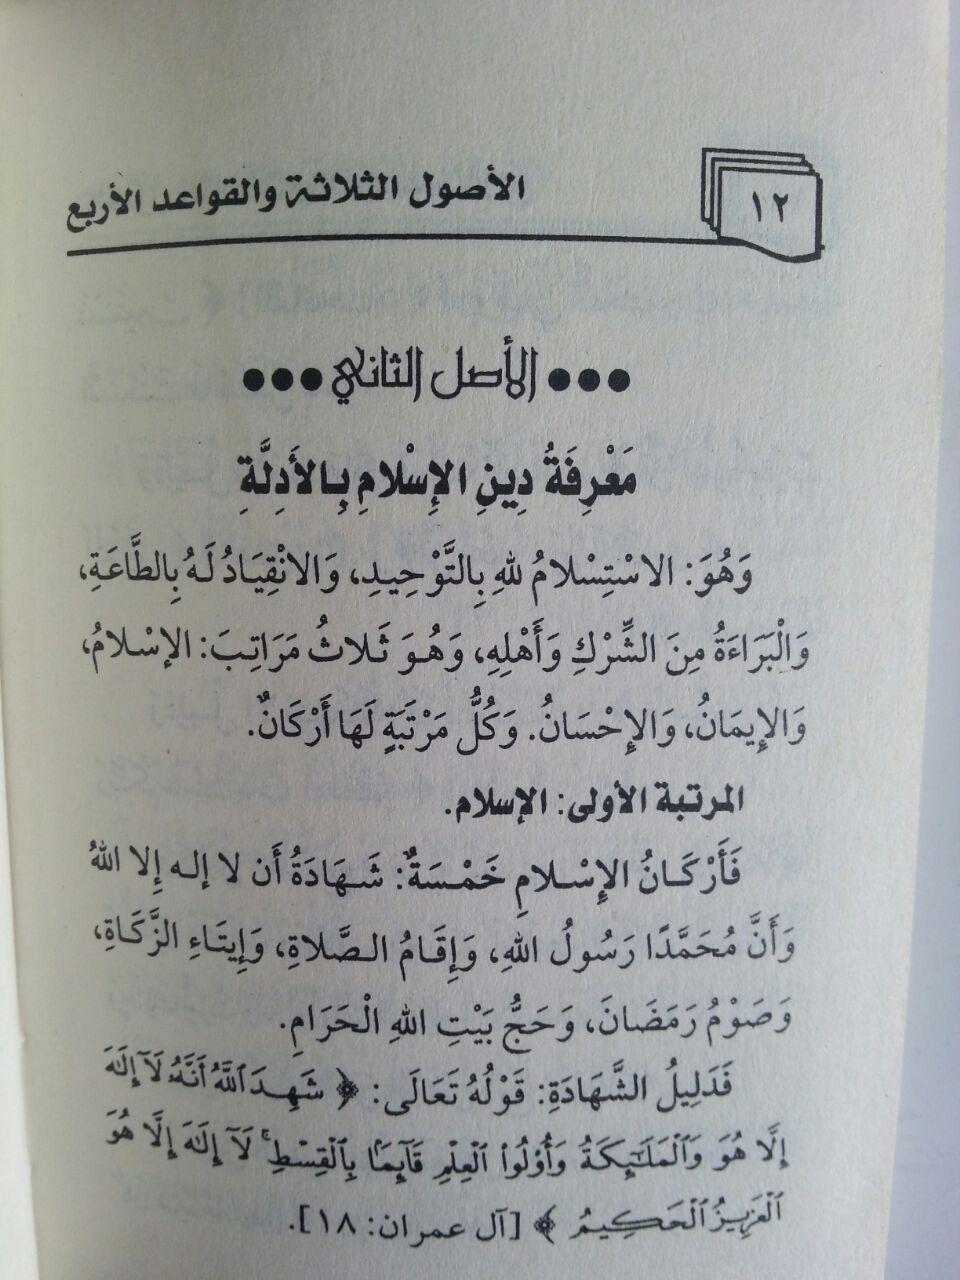 Kitab Matan Al-Ushul Ats-Tsalatsah Dan Al-Qowaid Al-Arba isi 2